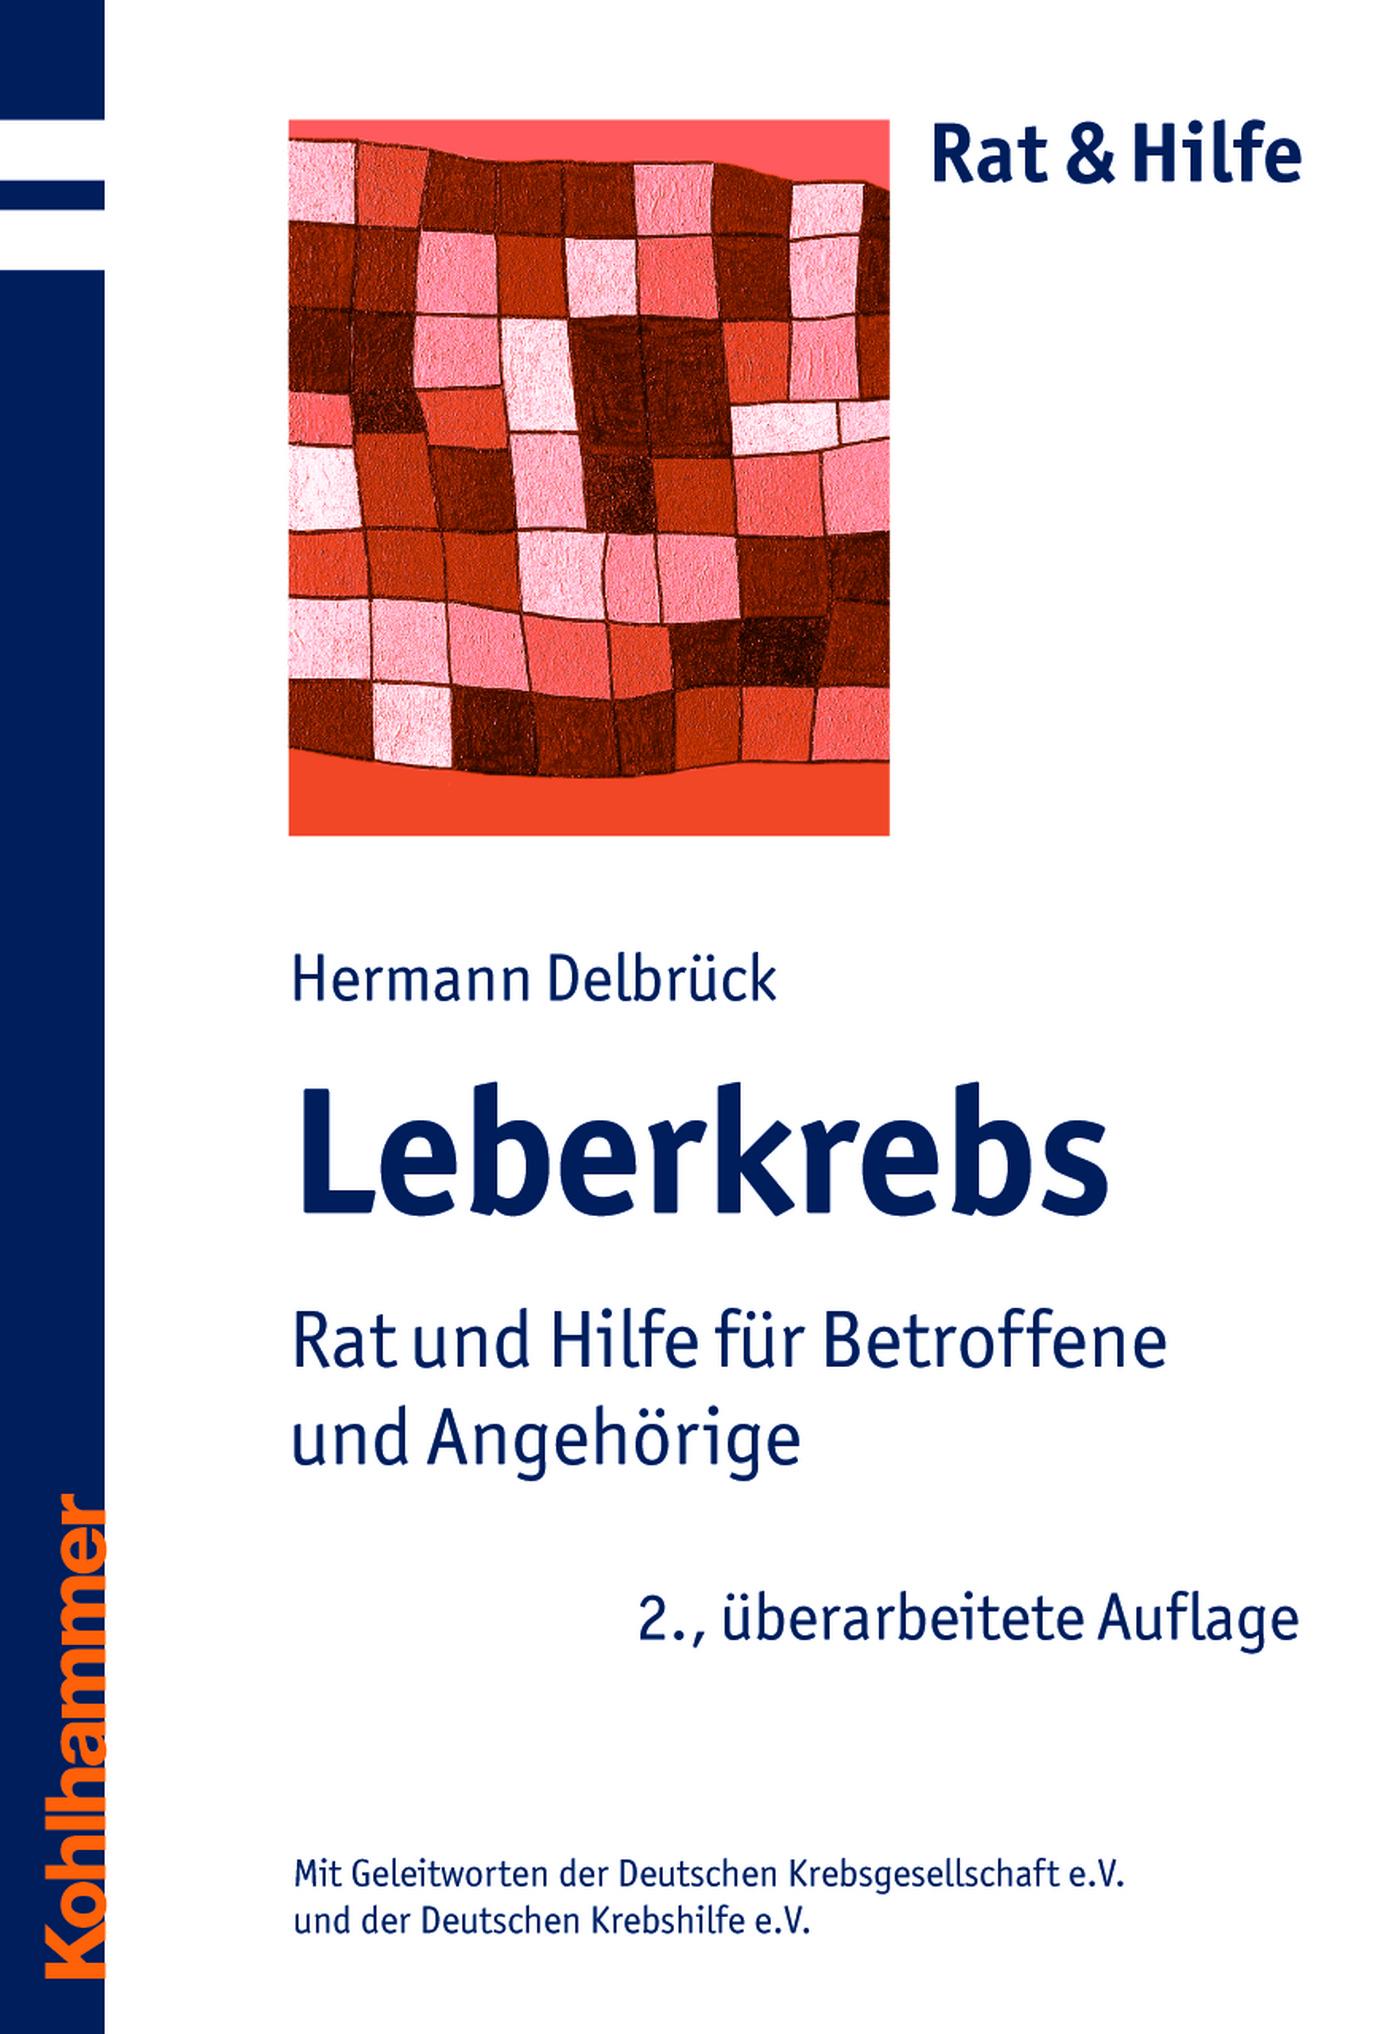 Hermann Delbruck Leberkrebs